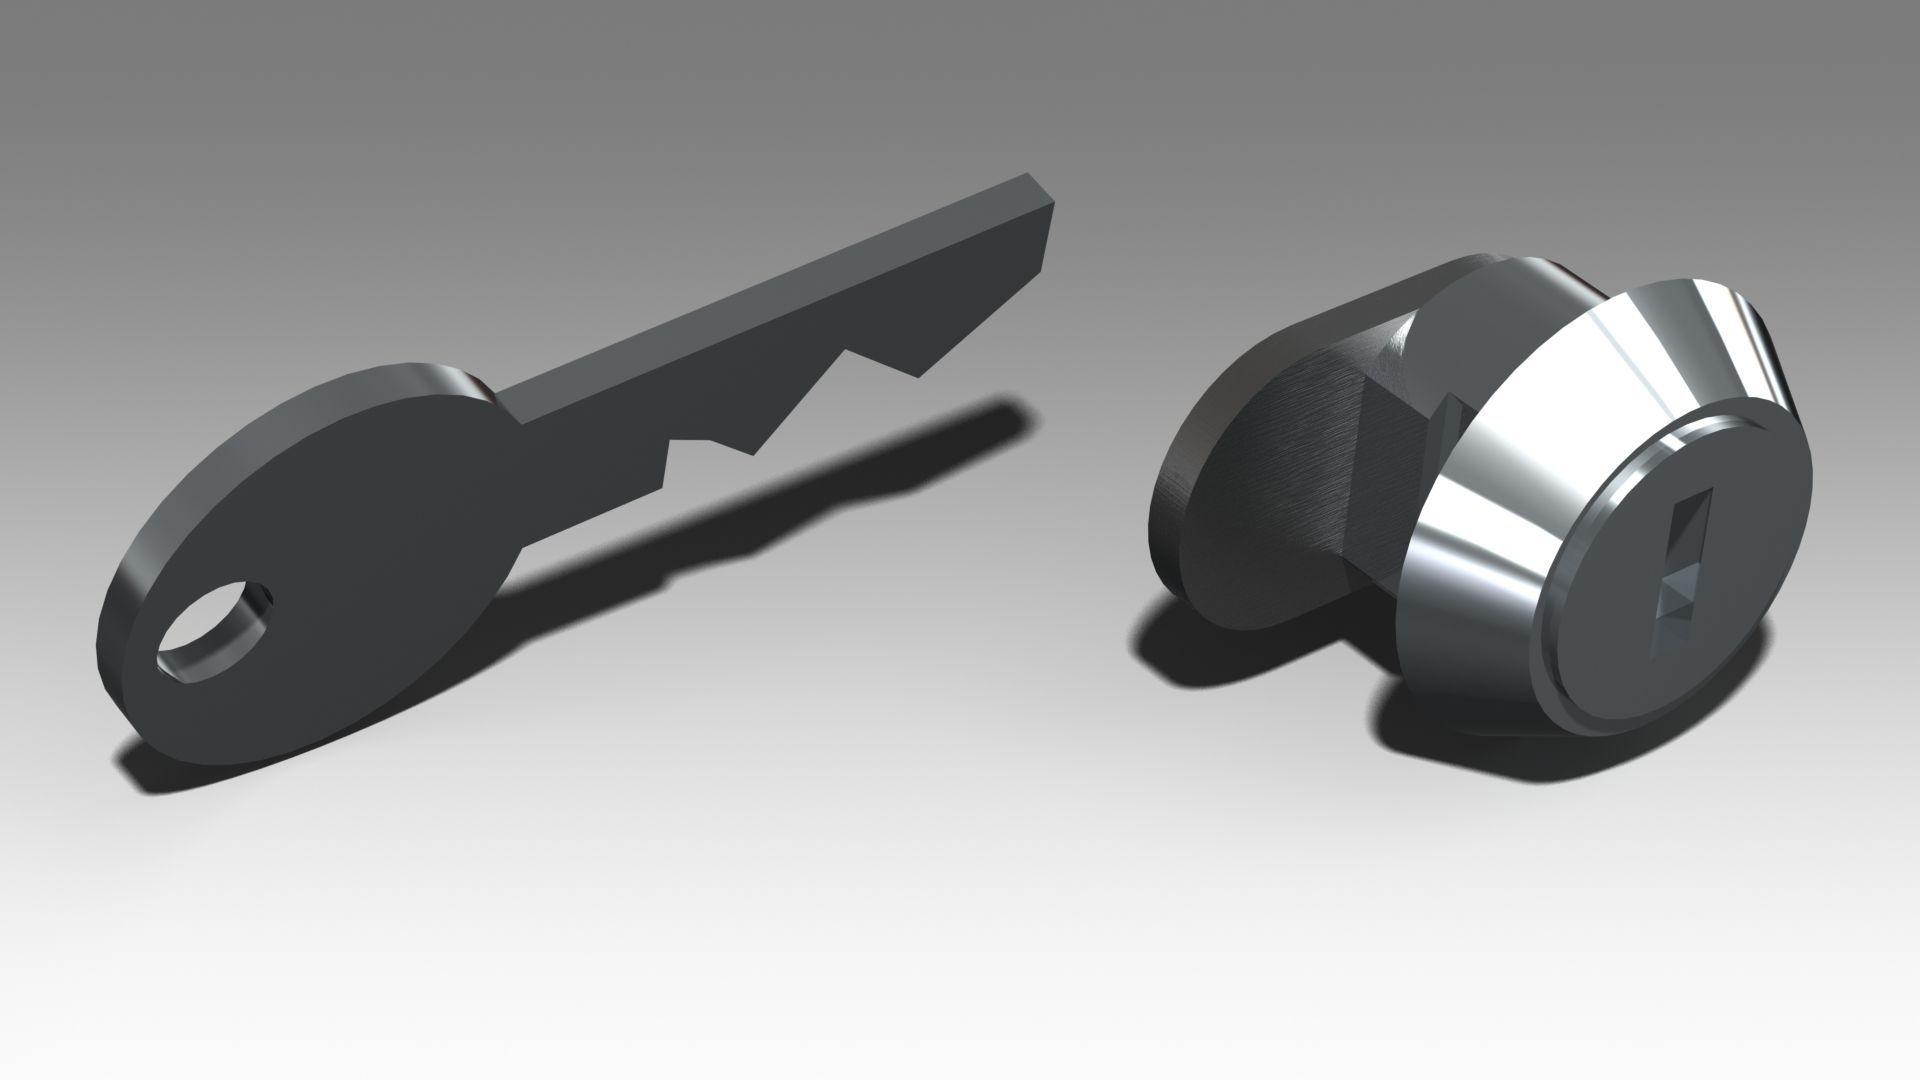 fahrradträgerzubehör: Uebler  Schließzylinder E1585